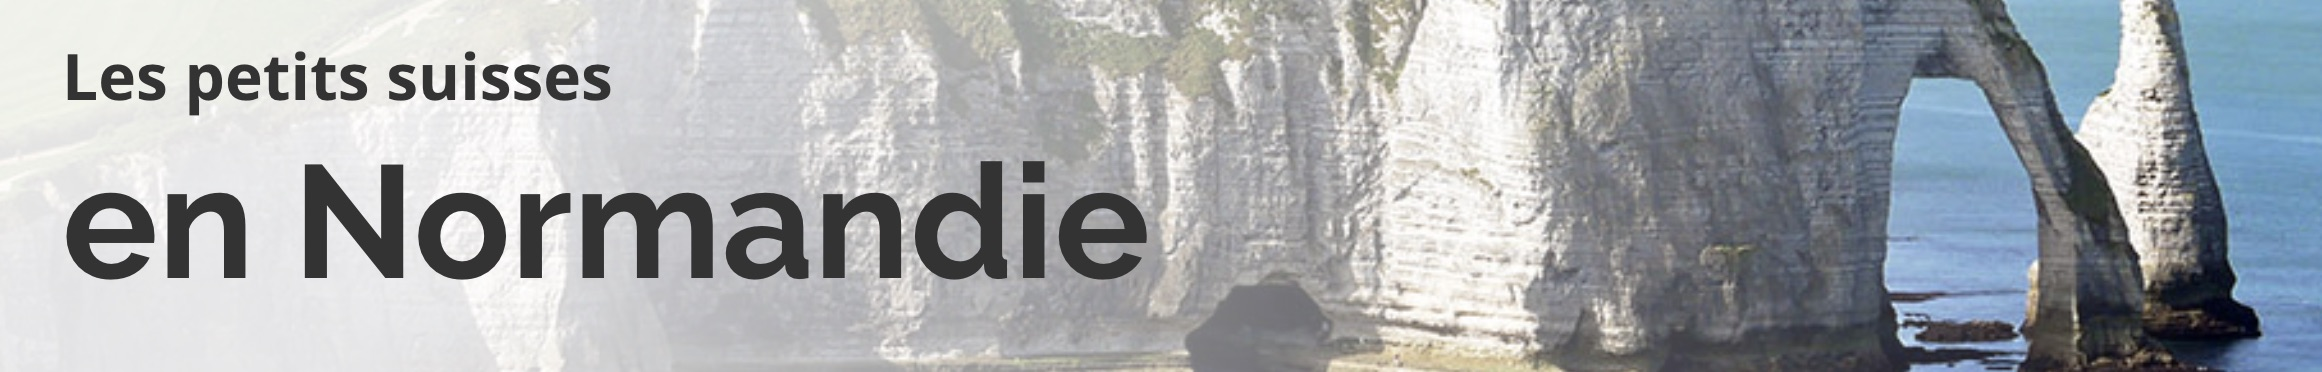 Les petits suisses en Normandie